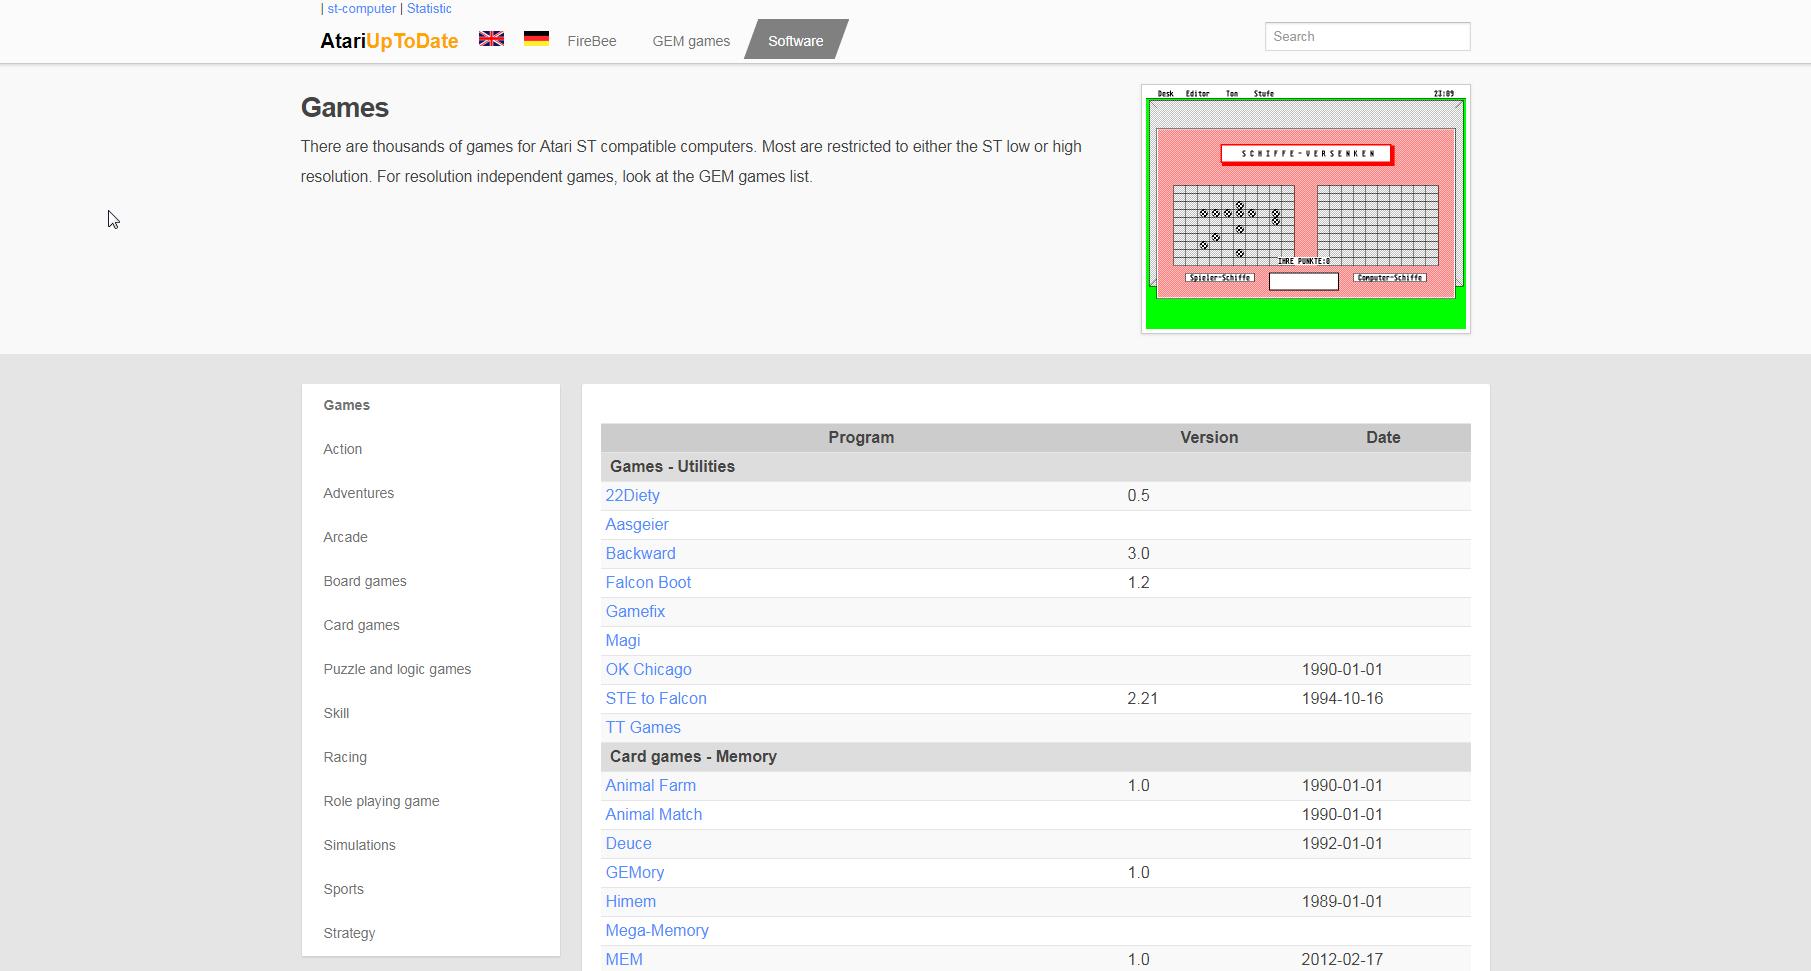 Screenshot of website AtariUpToDate